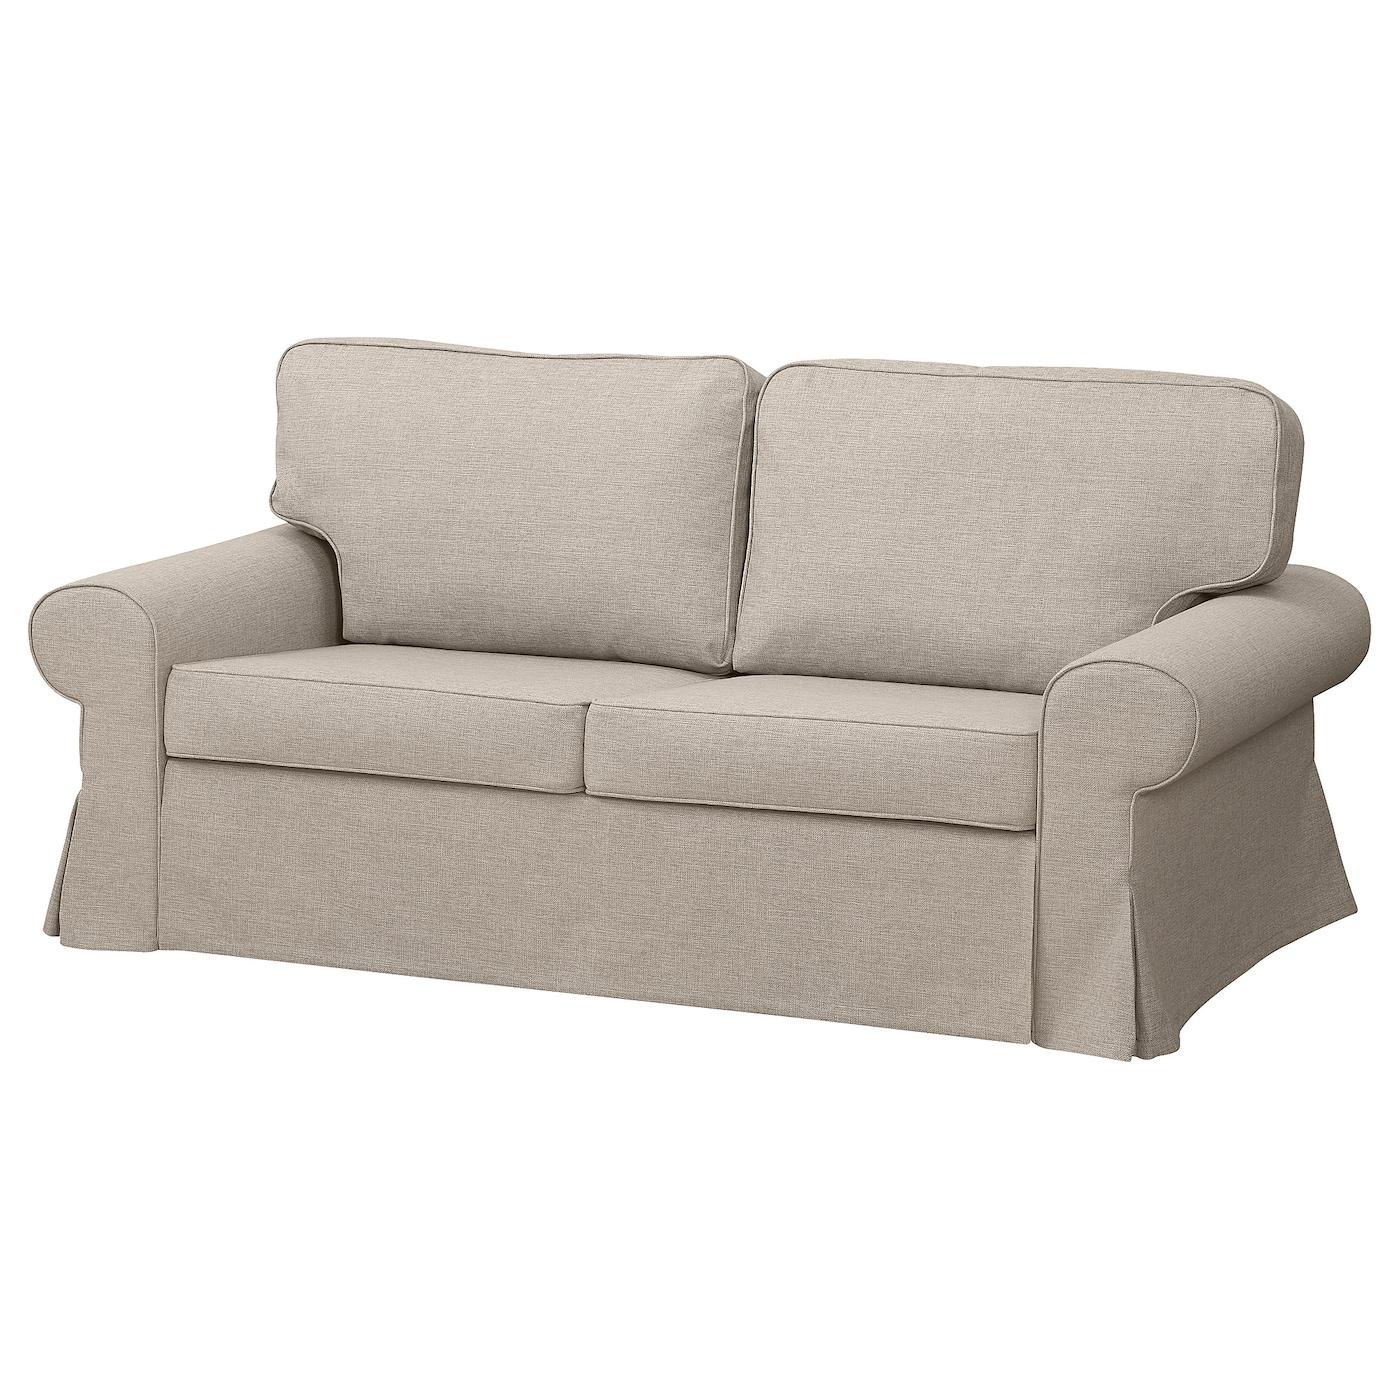 IKEA EVERTSBERG Sofa 2-osobowa rozkładana, z pojemnikiem beżowy